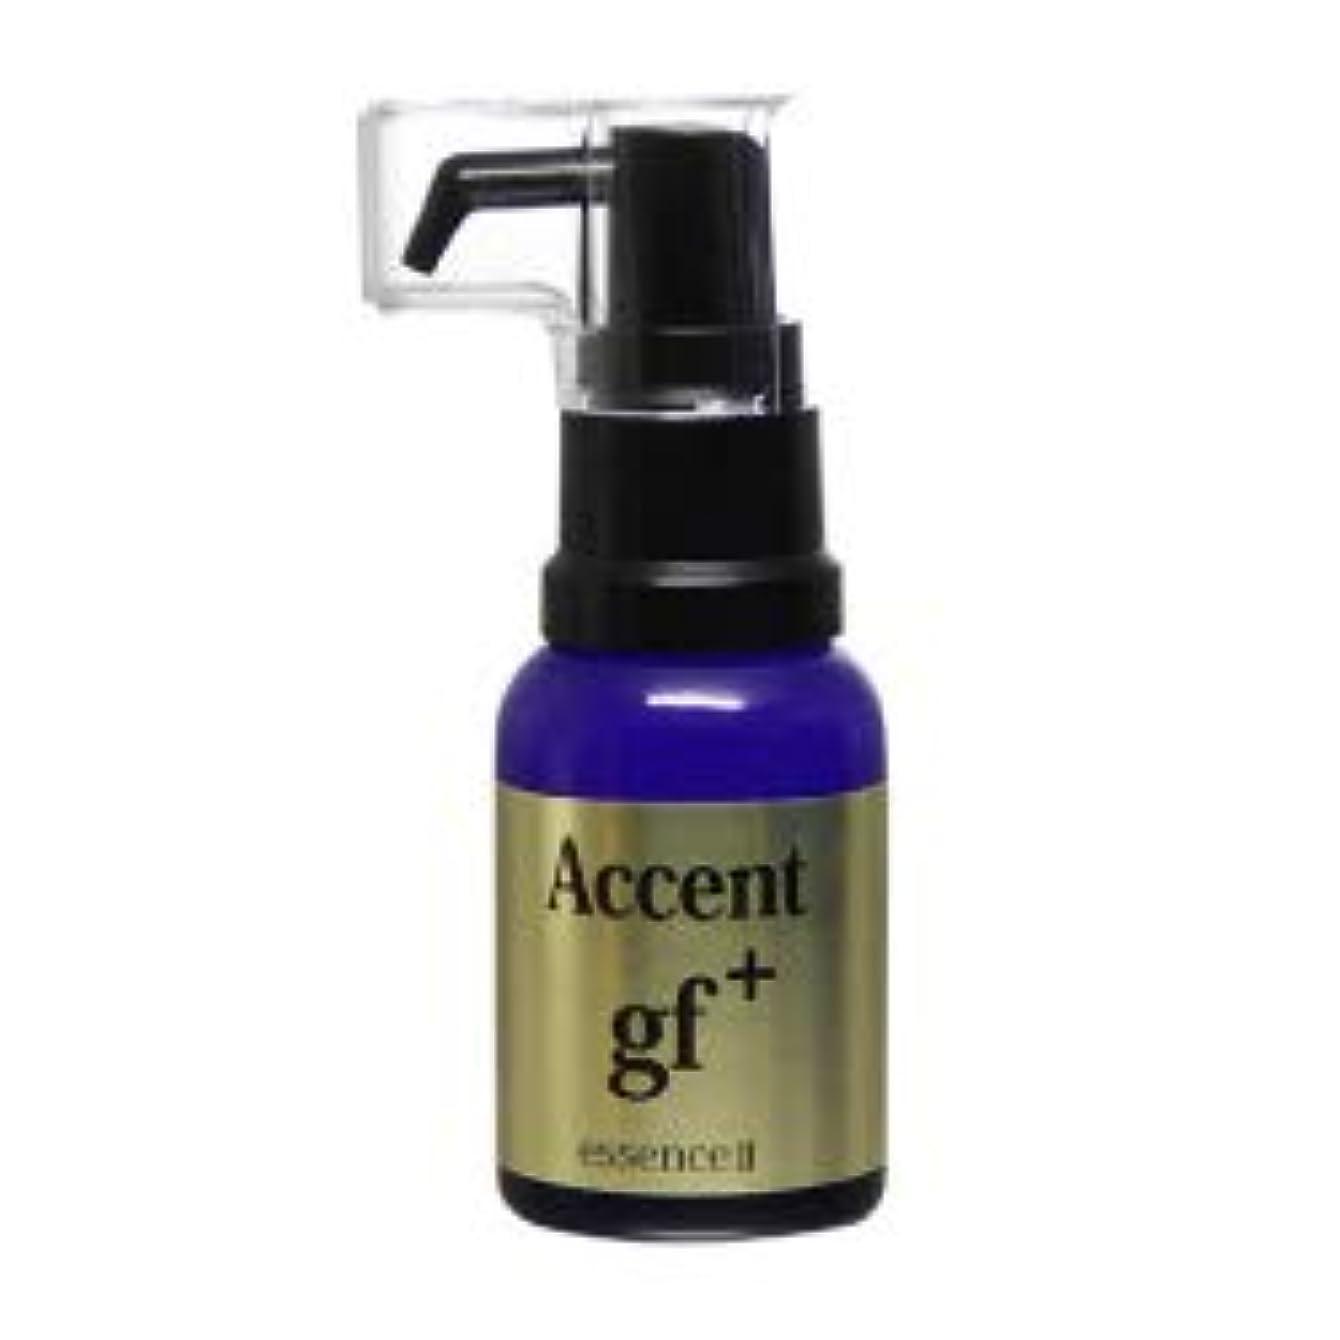 入るすき注入するカラントサンク アクサン gf プラスエッセンス ドゥ美容液